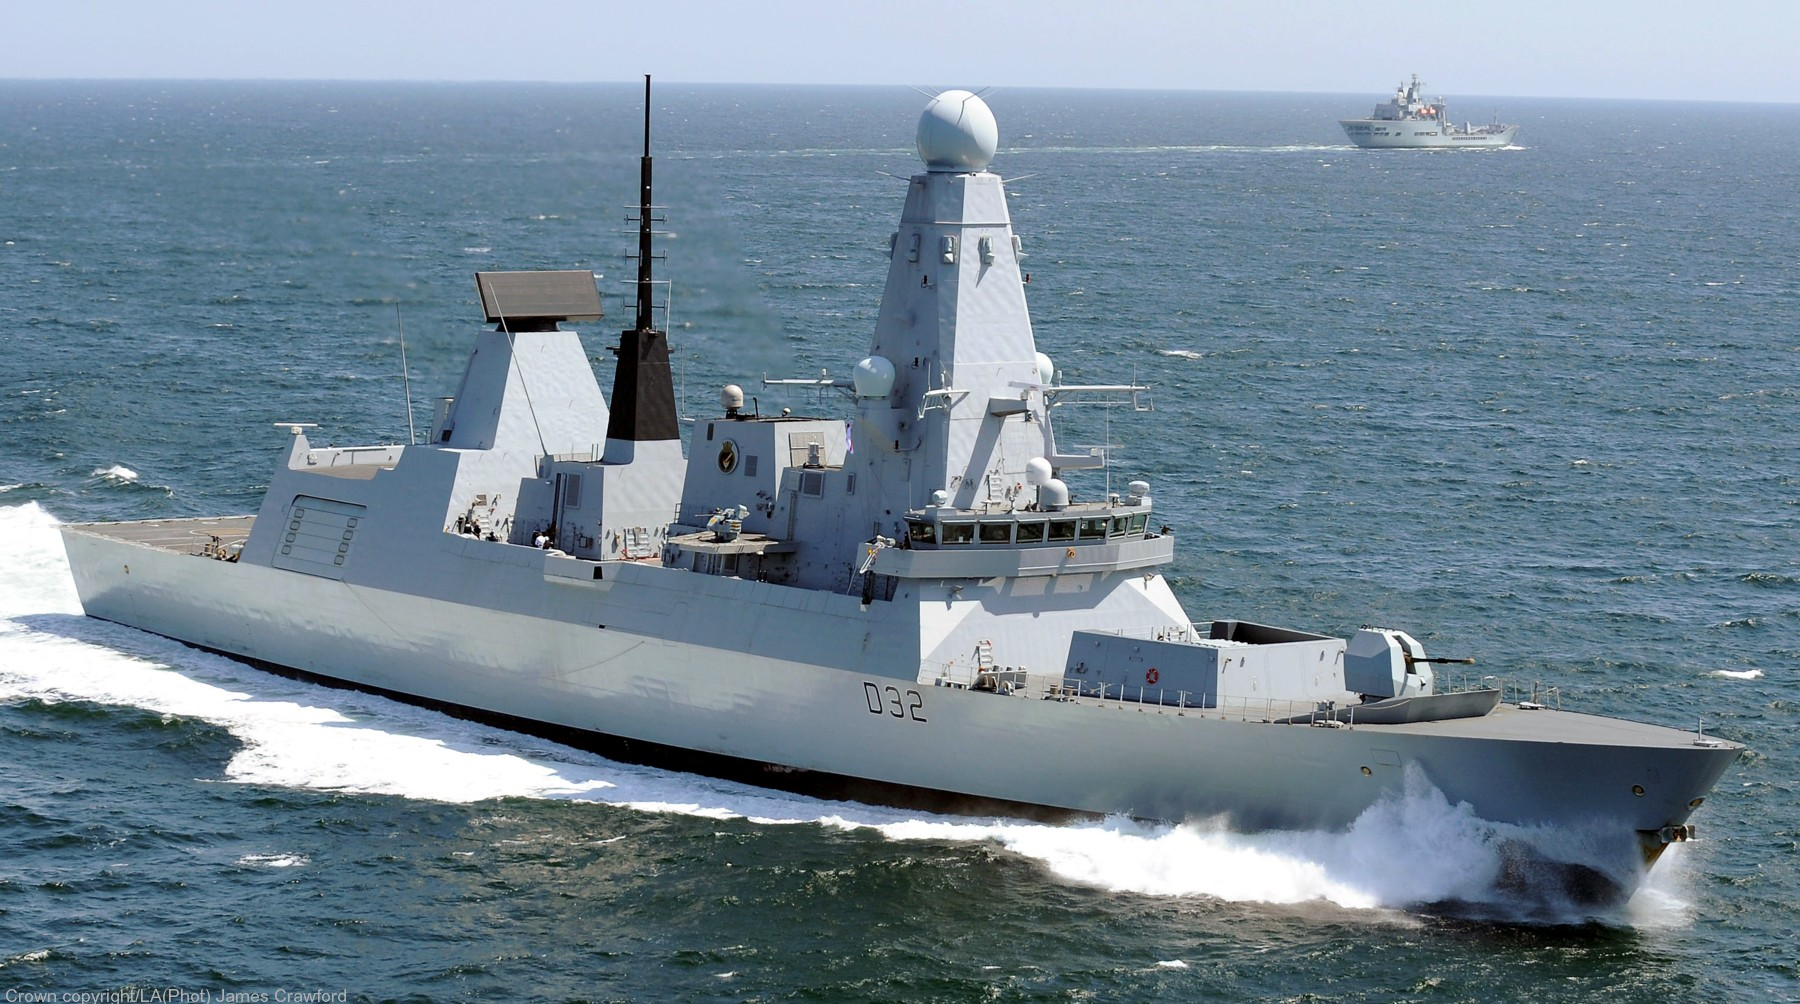 Type 45 ile ilgili görsel sonucu